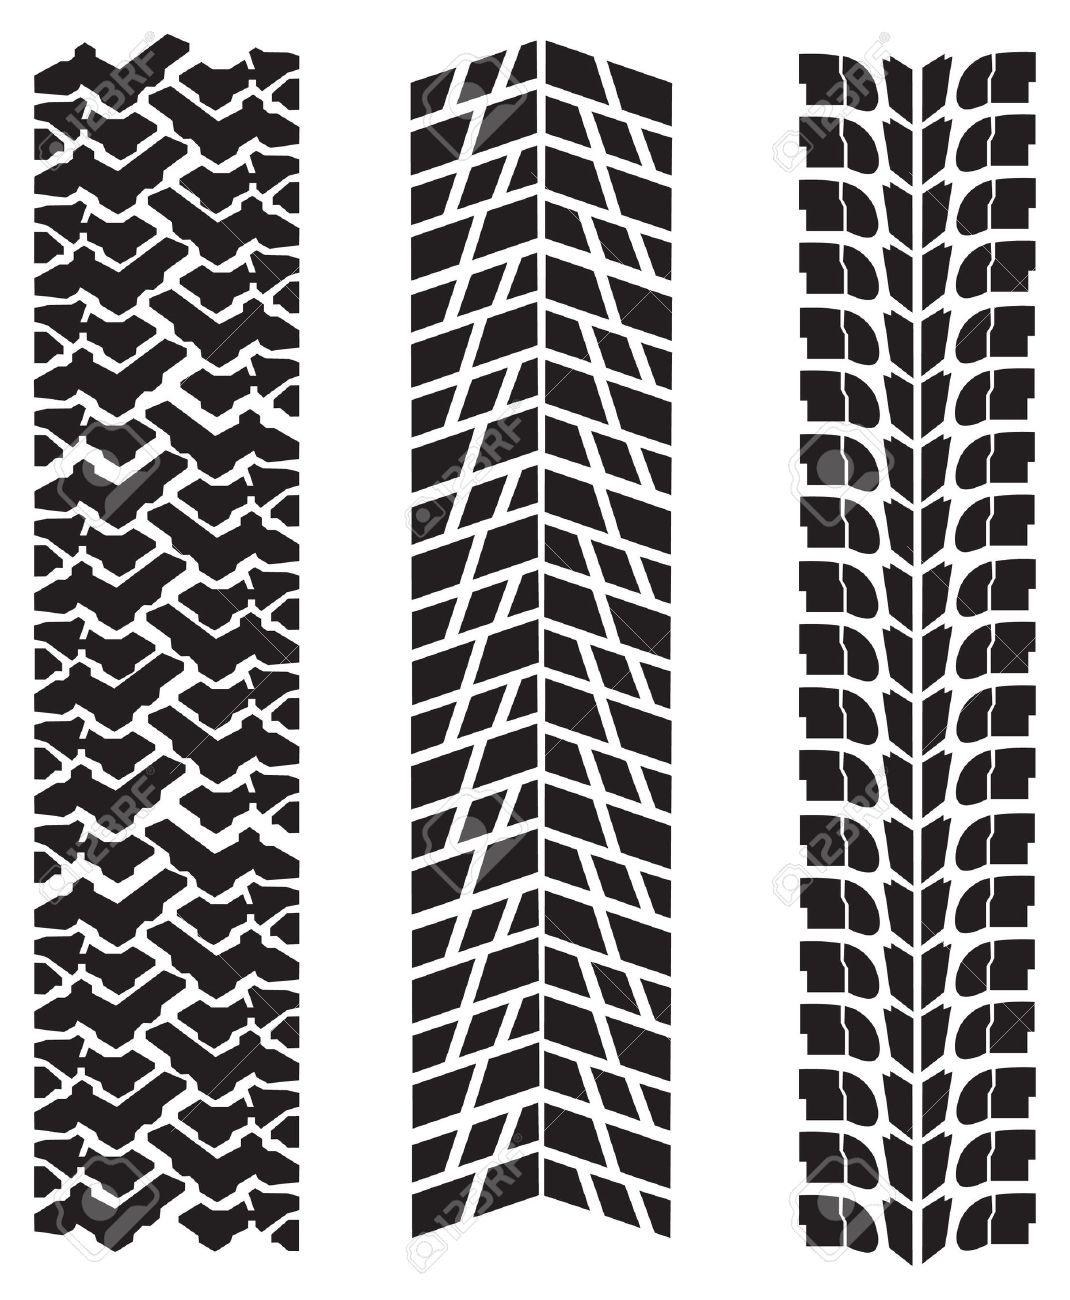 1070x1300 Tire Tread Patterns Jpg Free